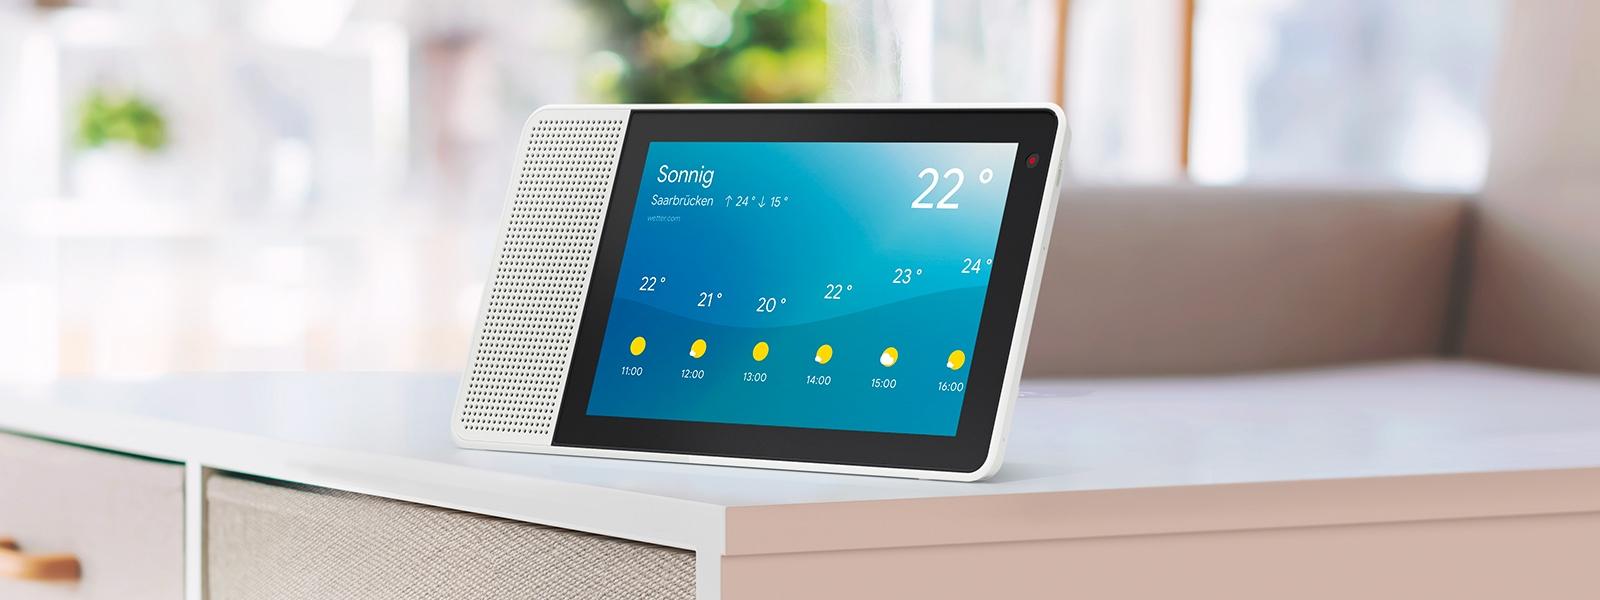 Mit dem Lenovo Smart Display sind Sie mit dem aktuellen Wetterbericht auf den Tag vorbereitet.